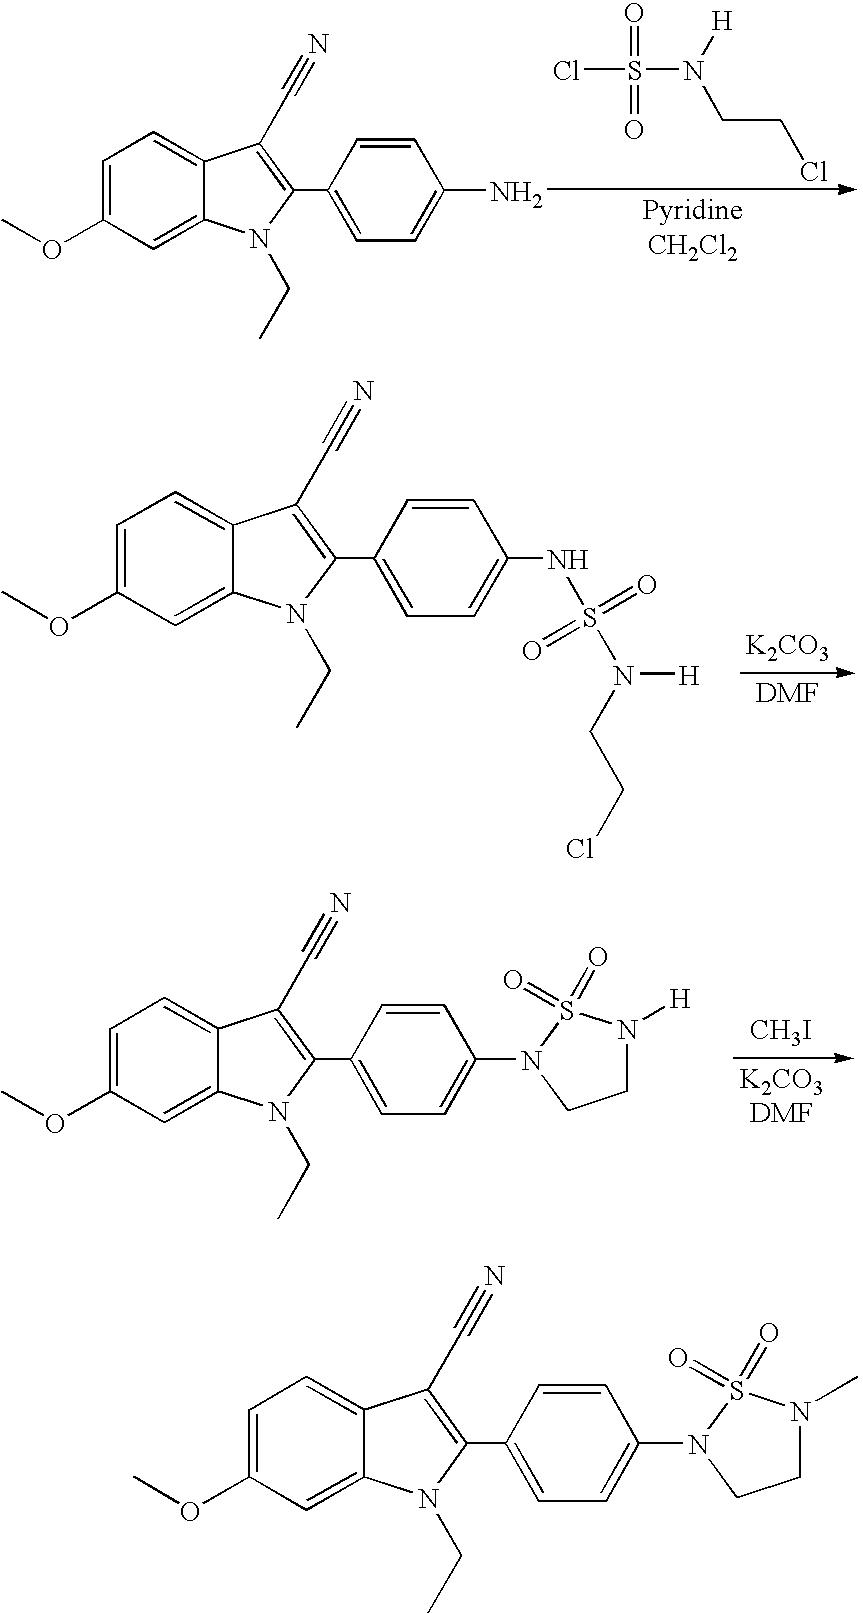 Figure US07781478-20100824-C00422